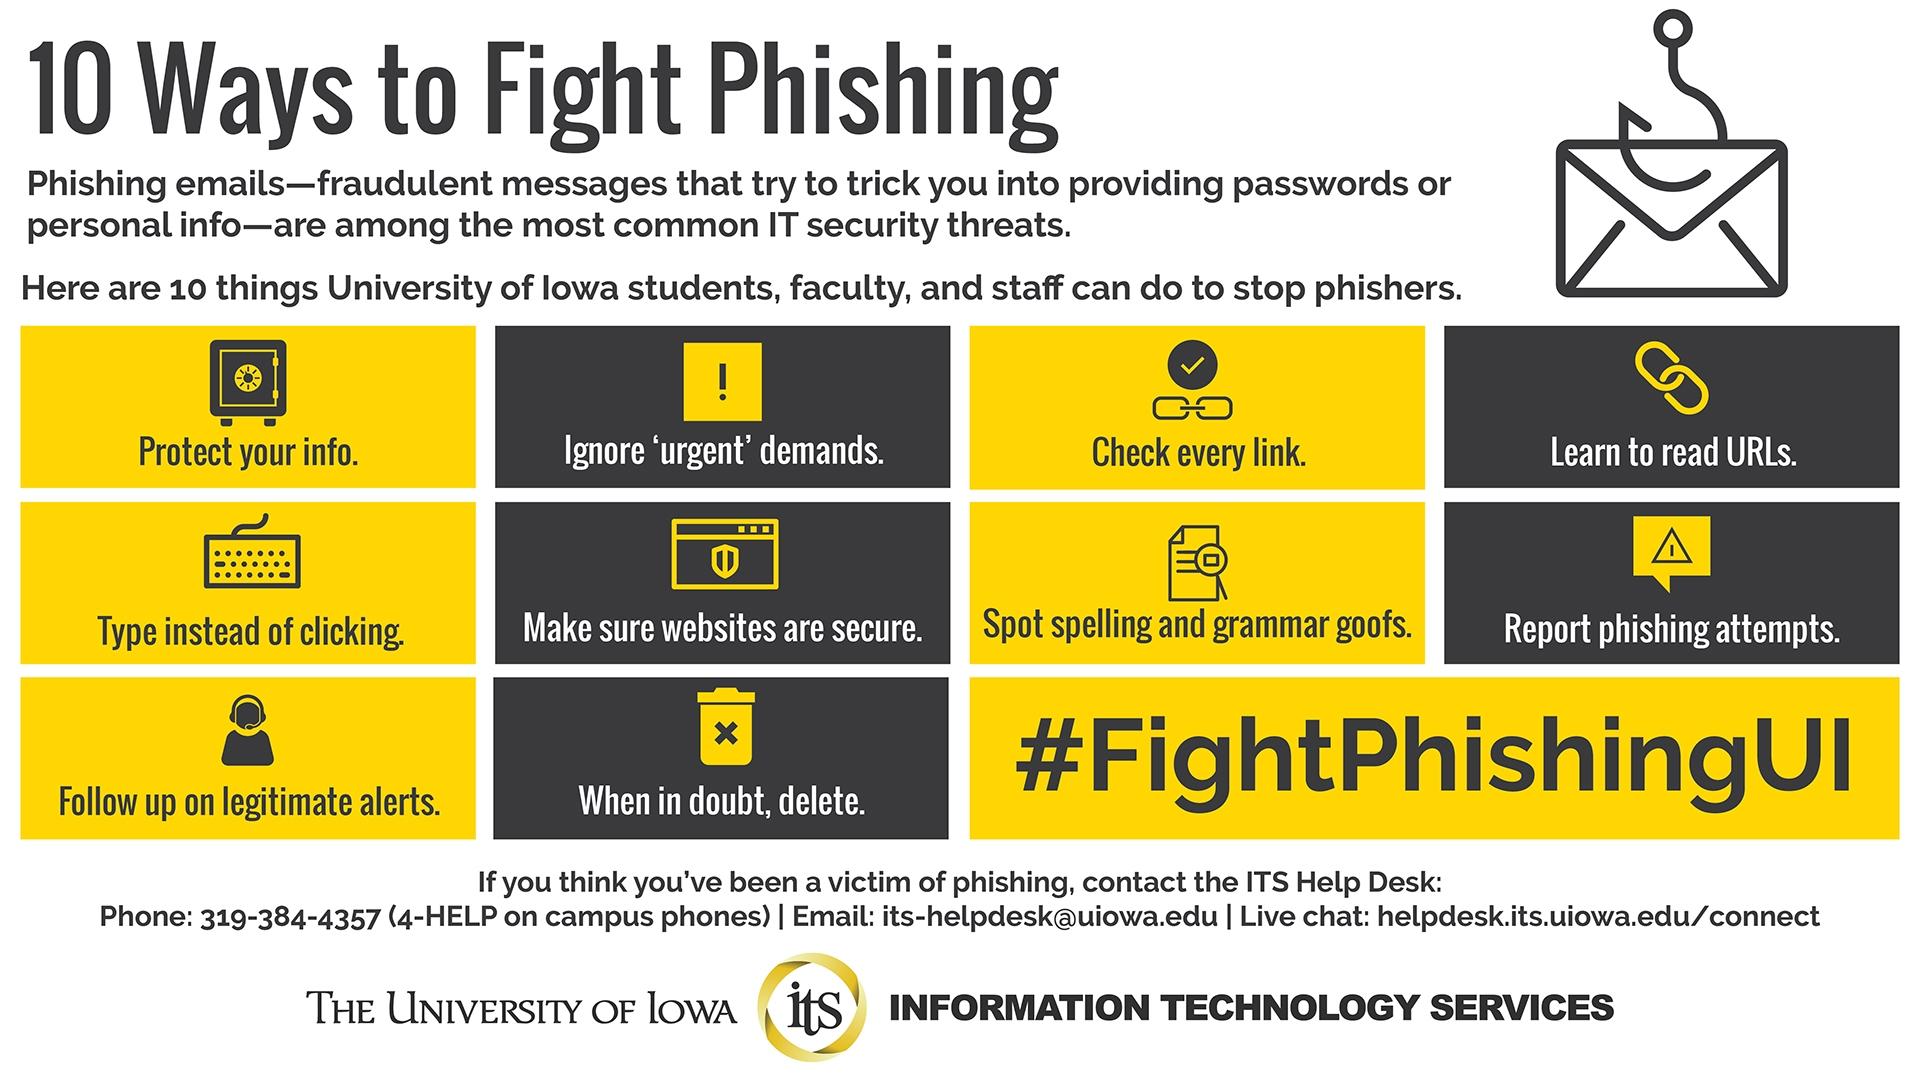 10 Ways To Fight Phishing